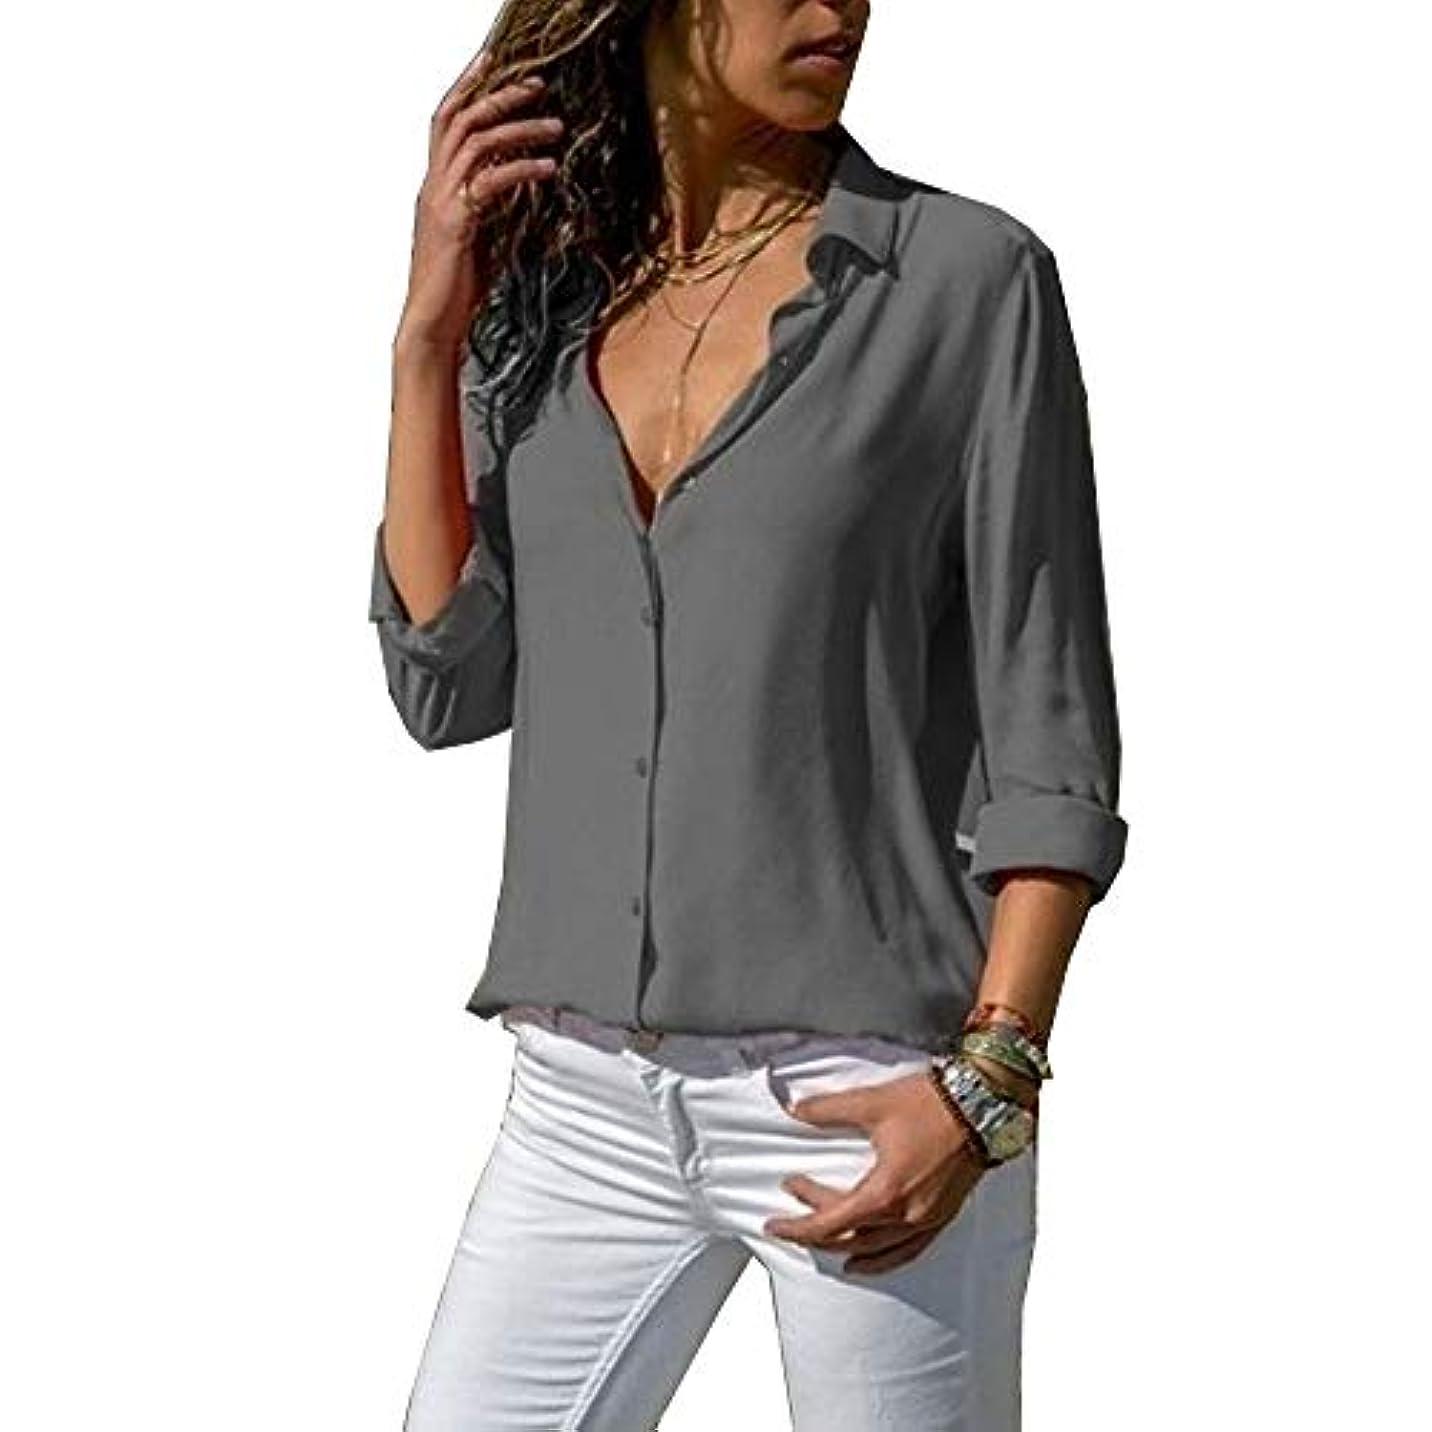 ネット不信ばかげているMIFAN ルーズシャツ、トップス&Tシャツ、プラスサイズ、トップス&ブラウス、シフォンブラウス、女性トップス、シフォンシャツ